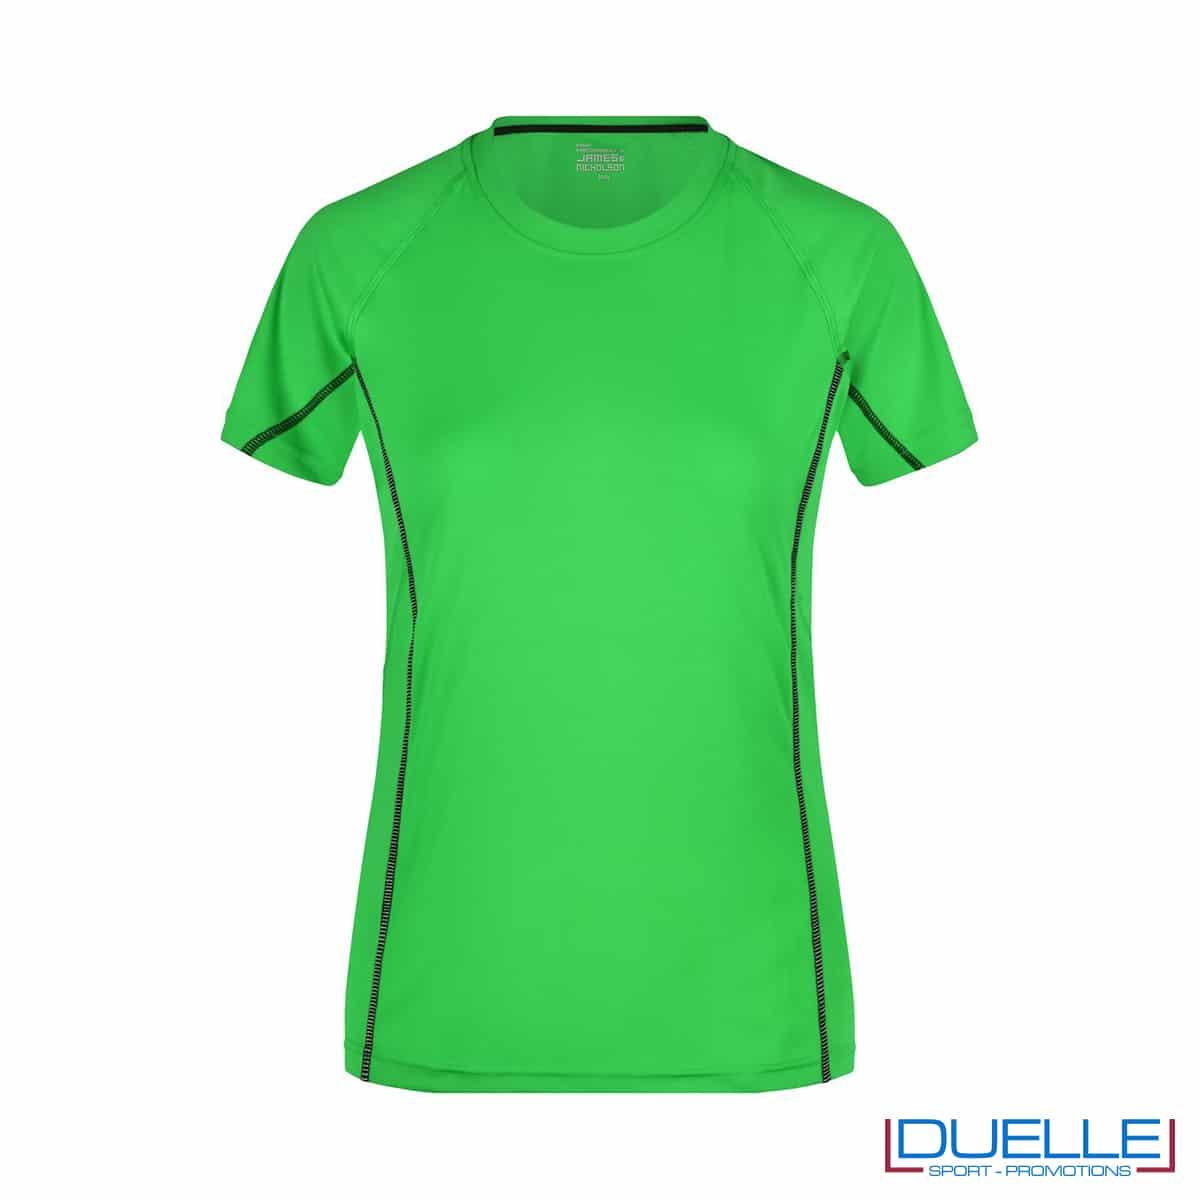 Maglia running Coolmax donna colore verde/nero personalizzata